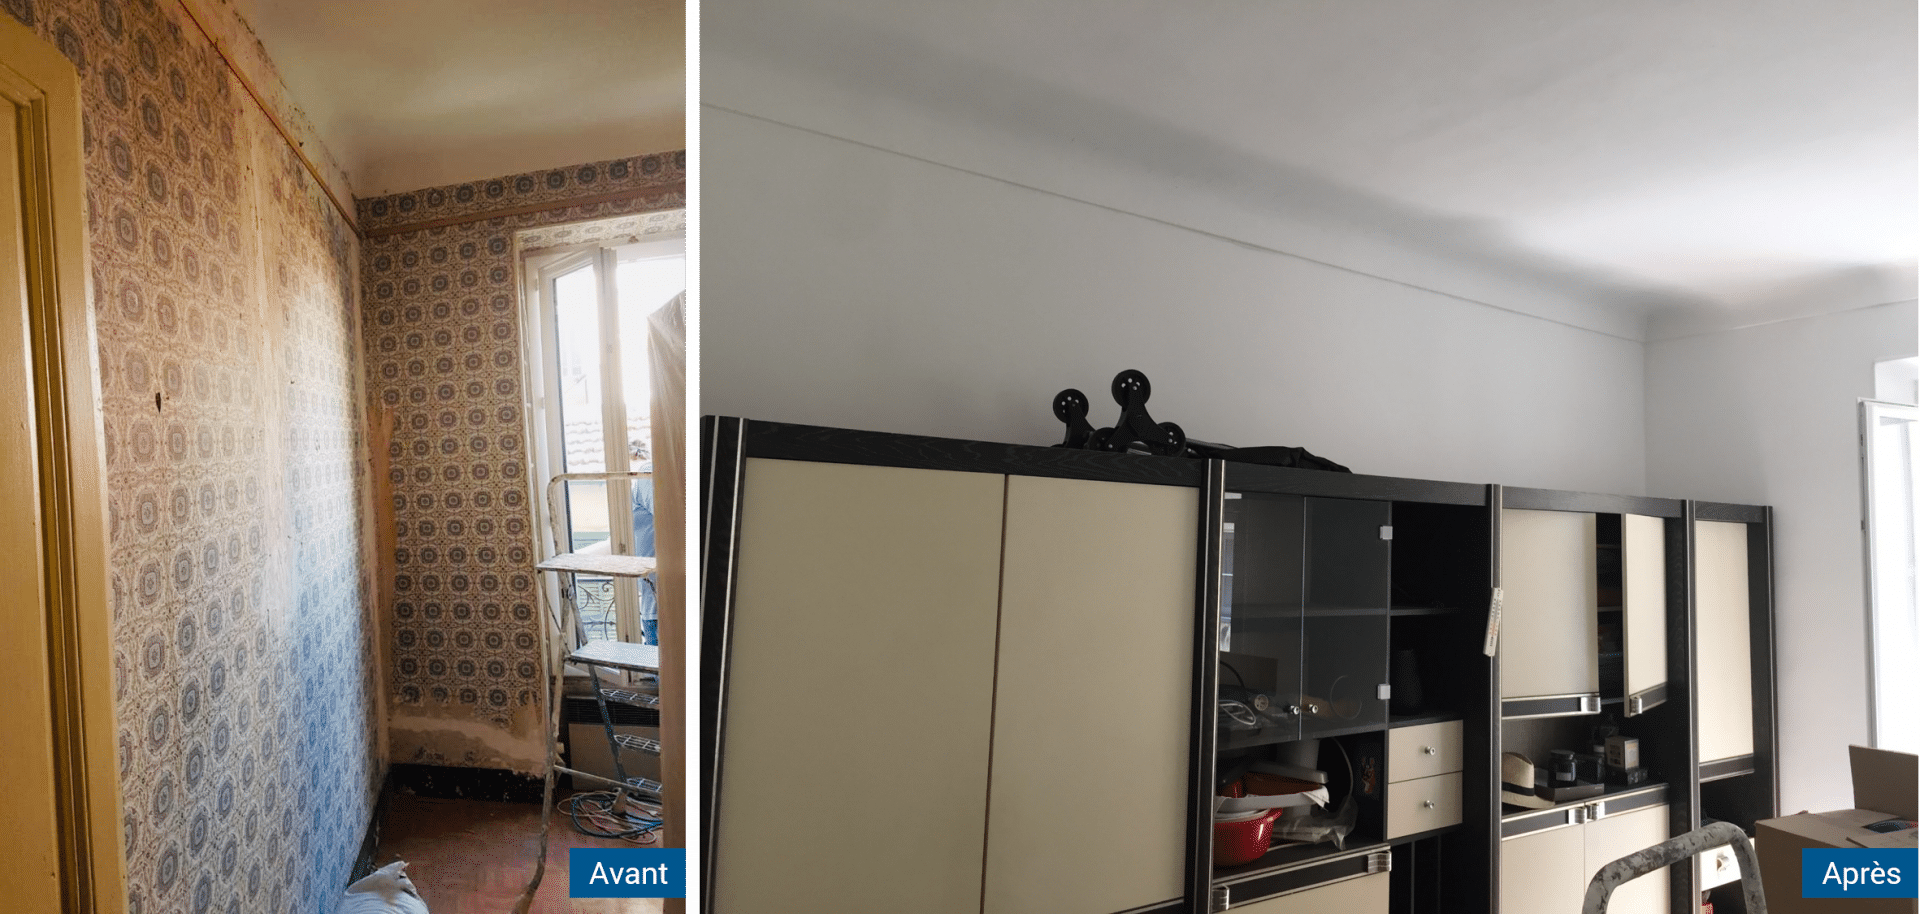 Relooking Appartement Avant Après avant/après d'une rénovation d'appartement à antibes par illico travaux